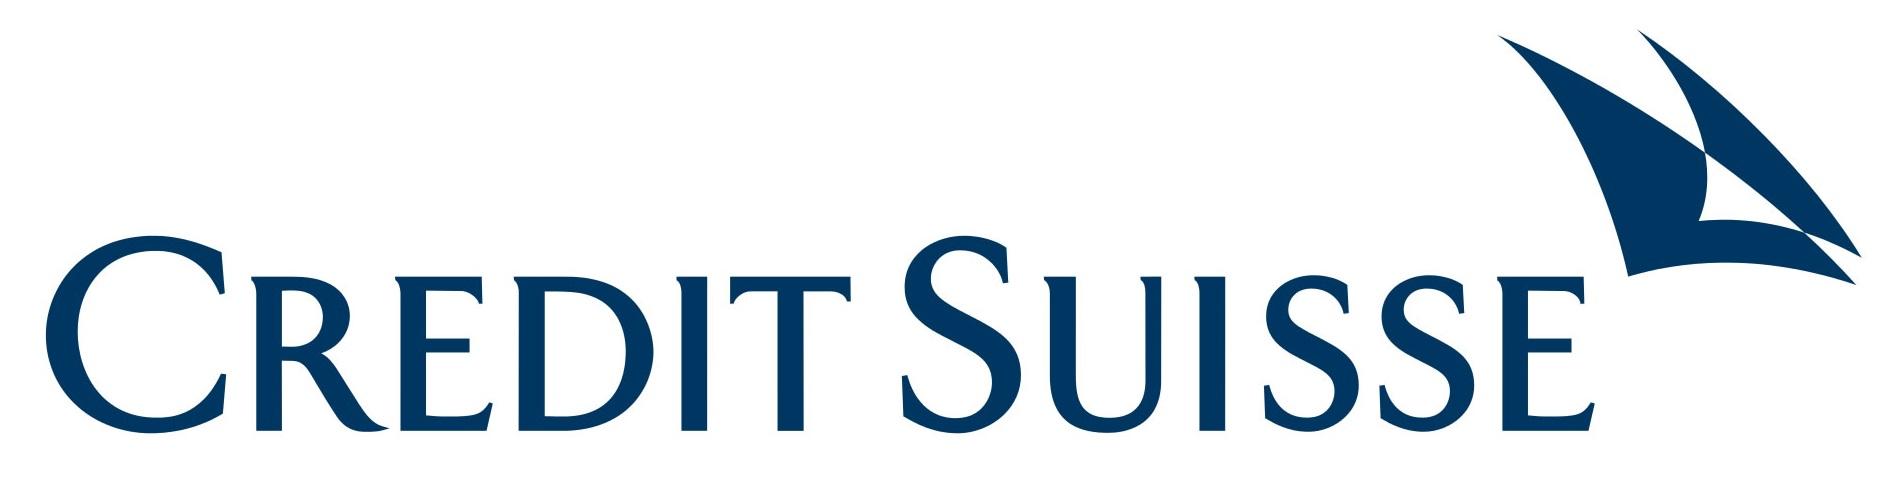 Credit Suisse Logo.jpg